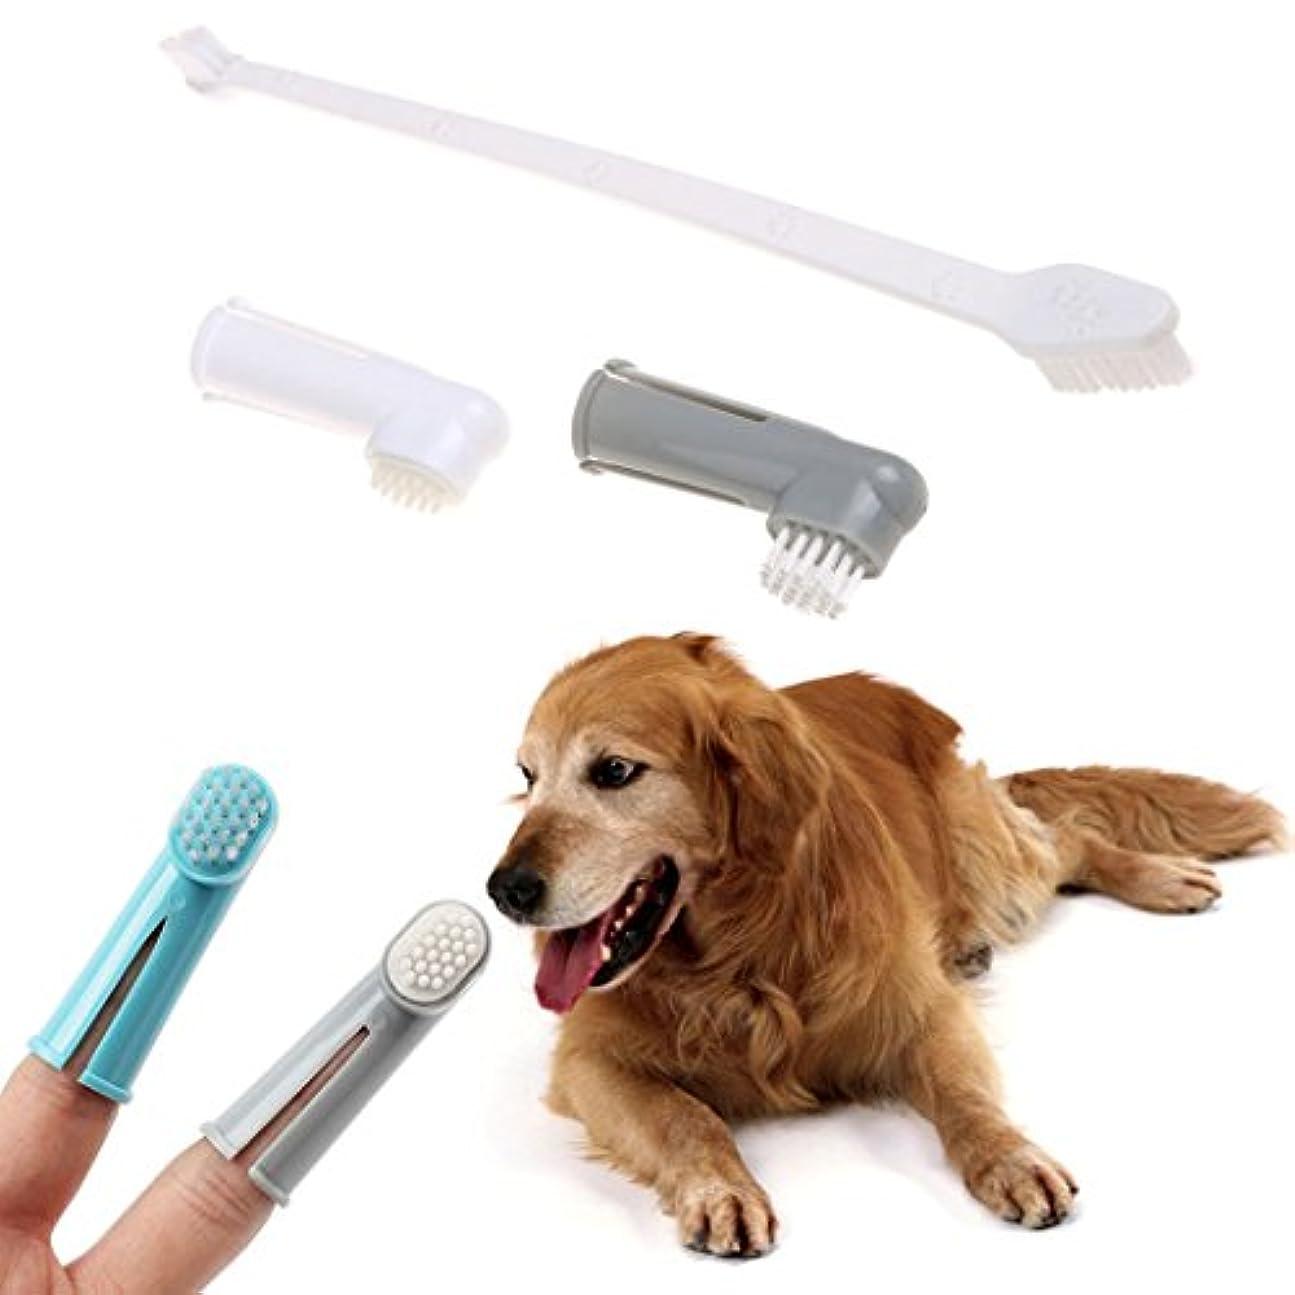 視聴者に対応キャメルLegendog ペットの歯ブラシ 犬用歯ブラシ 指歯 ブラシ 歯磨き ペット歯ケア用品 カラフル 3ピースセット(合計9個)